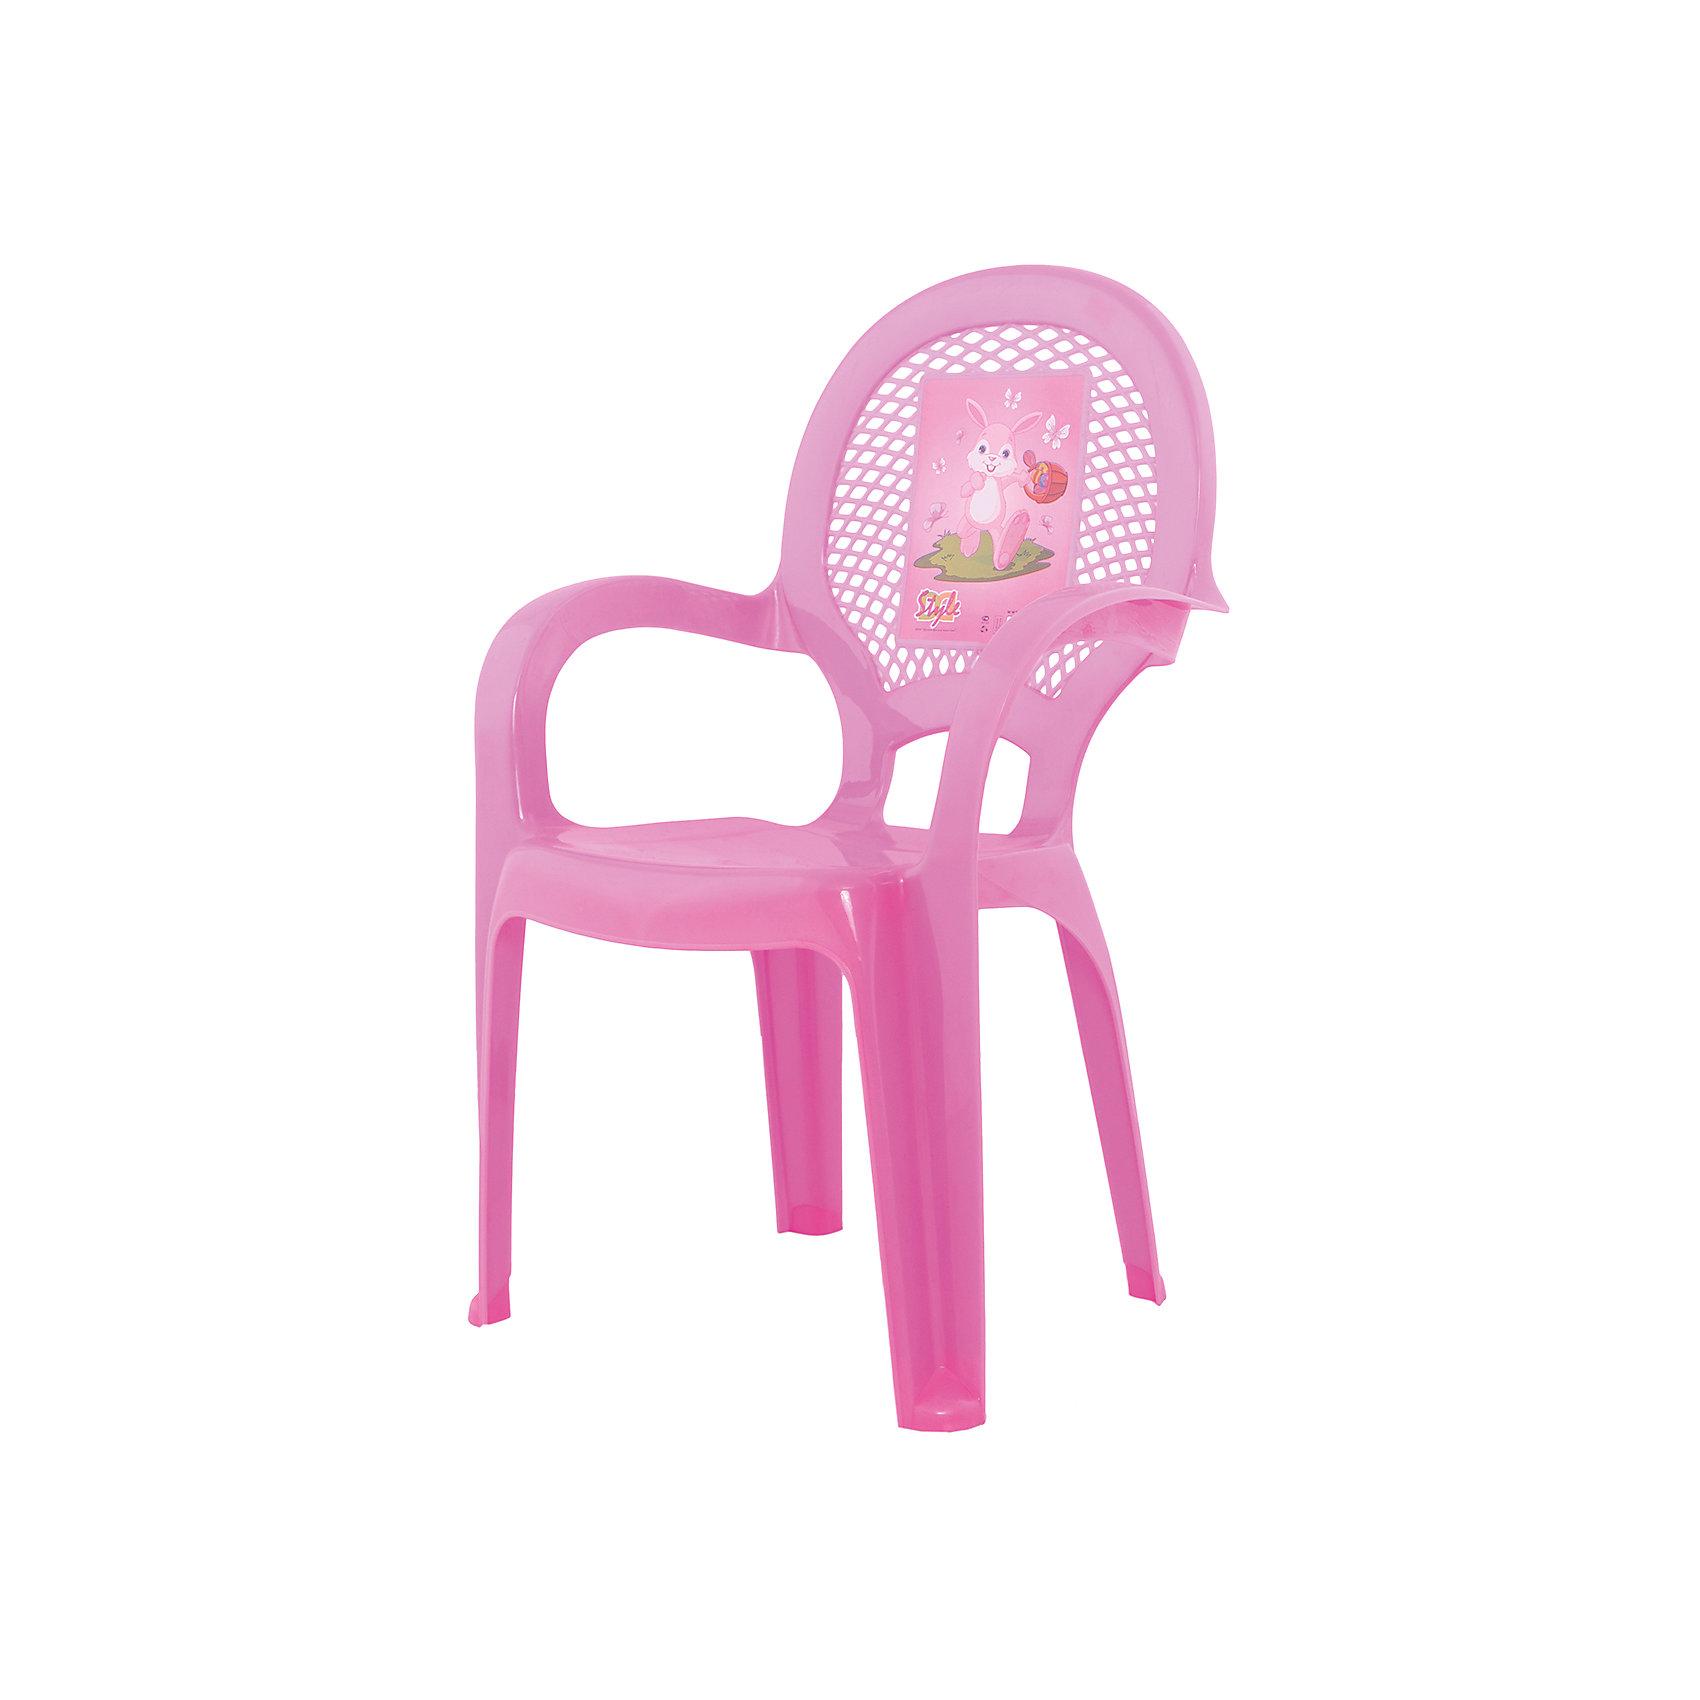 Стул Зайка, розовыйДетские столы и стулья<br>Яркий, удобный стульчик для вашего малыша. Изделие изготовлено из высококачественной пластмассы с использованием современных технологий. Все условия для комфорта вашего малыша: спинка высокая, на спинке имеется рисунок, спинка сетчатая, эргономичные подлокотники, форма компактная и удобная для хранения - стулья можно составить один в другой, легко моется водой с любым моющим средством. <br><br>Дополнительная информация:<br><br>Материал: пластик.<br>Размер: высота - 55 см.<br>Цвет: розовый.<br><br><br>Детский стульчик с рисунком в розовом цвете, можно купить в нашем магазине.<br><br>Ширина мм: 350<br>Глубина мм: 280<br>Высота мм: 570<br>Вес г: 600<br>Возраст от месяцев: 24<br>Возраст до месяцев: 84<br>Пол: Унисекс<br>Возраст: Детский<br>SKU: 6767436